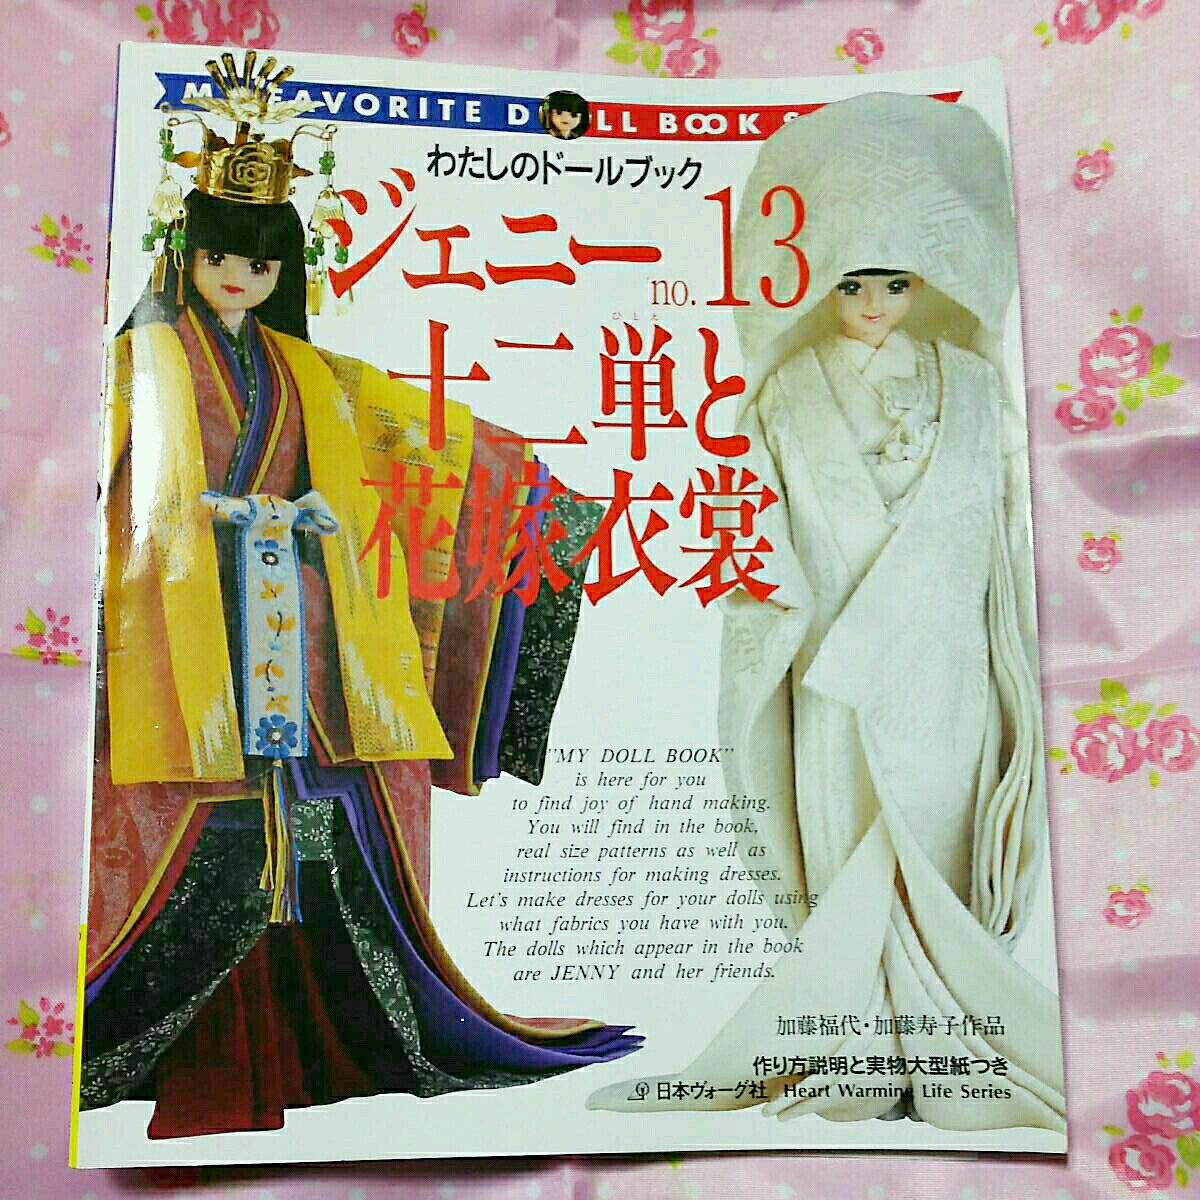 ◆わたしのドールブック ジェニーNo.13 十二単と花嫁衣裳 加藤福代・加藤寿子作品 作り方と実物大型紙つき